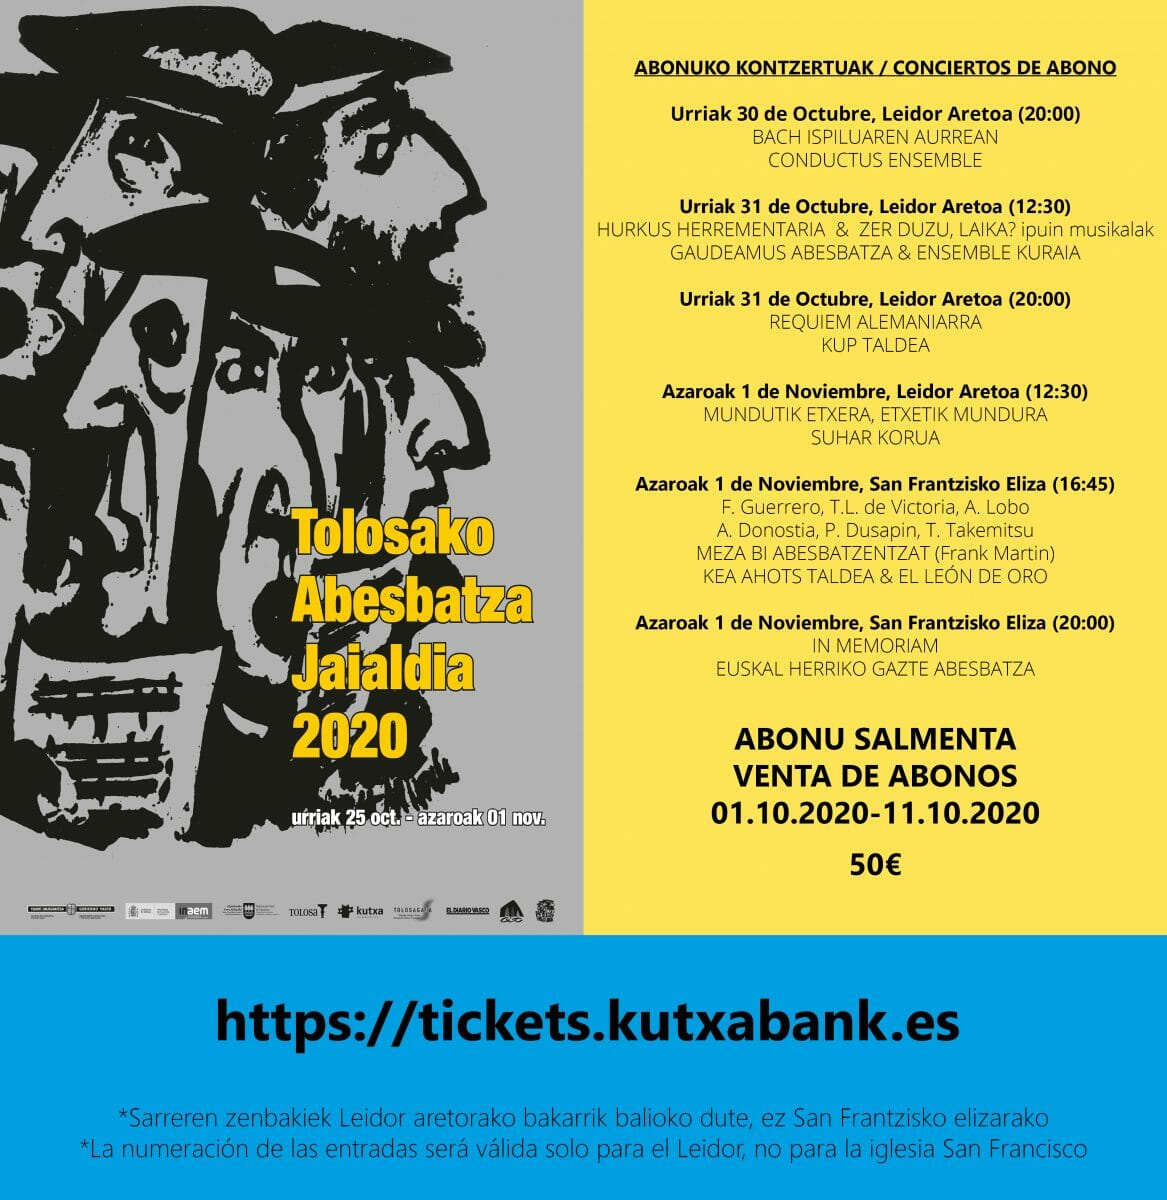 Tolosako Abesbatza Jaialdia 2020: Venta de Abonos desde el 1 al 11 de octubre 13